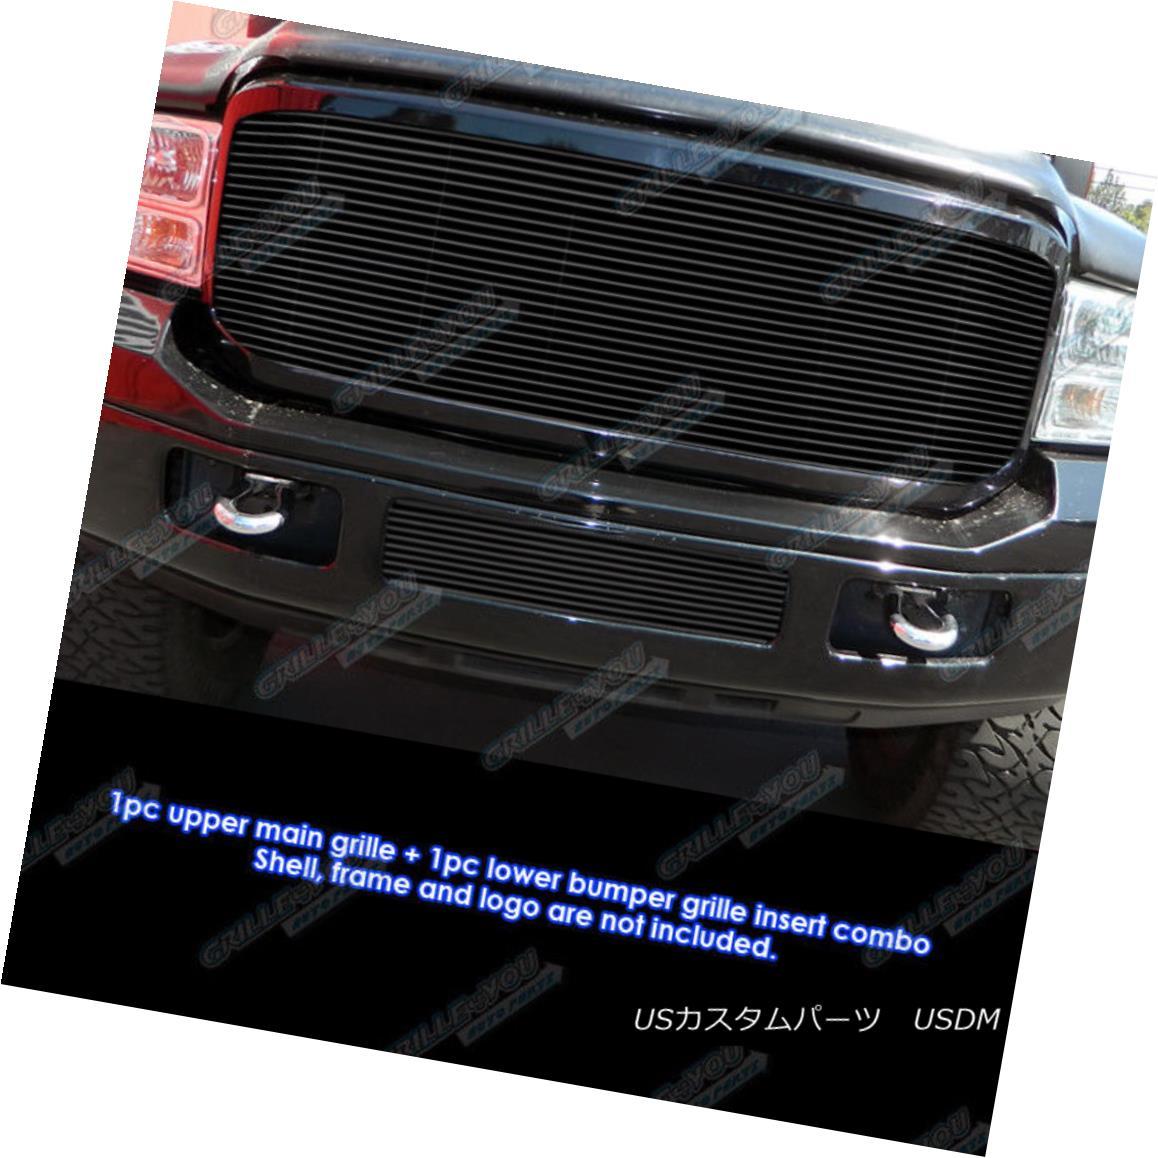 グリル For 05-07 Ford F-250/F-350/F-450/F-550 Black Billet Grille Grill Combo Insert 05-07フォードF-250 / F-350 / F- 450 / F-550ブラックビレットグリルグリルコンボインサート